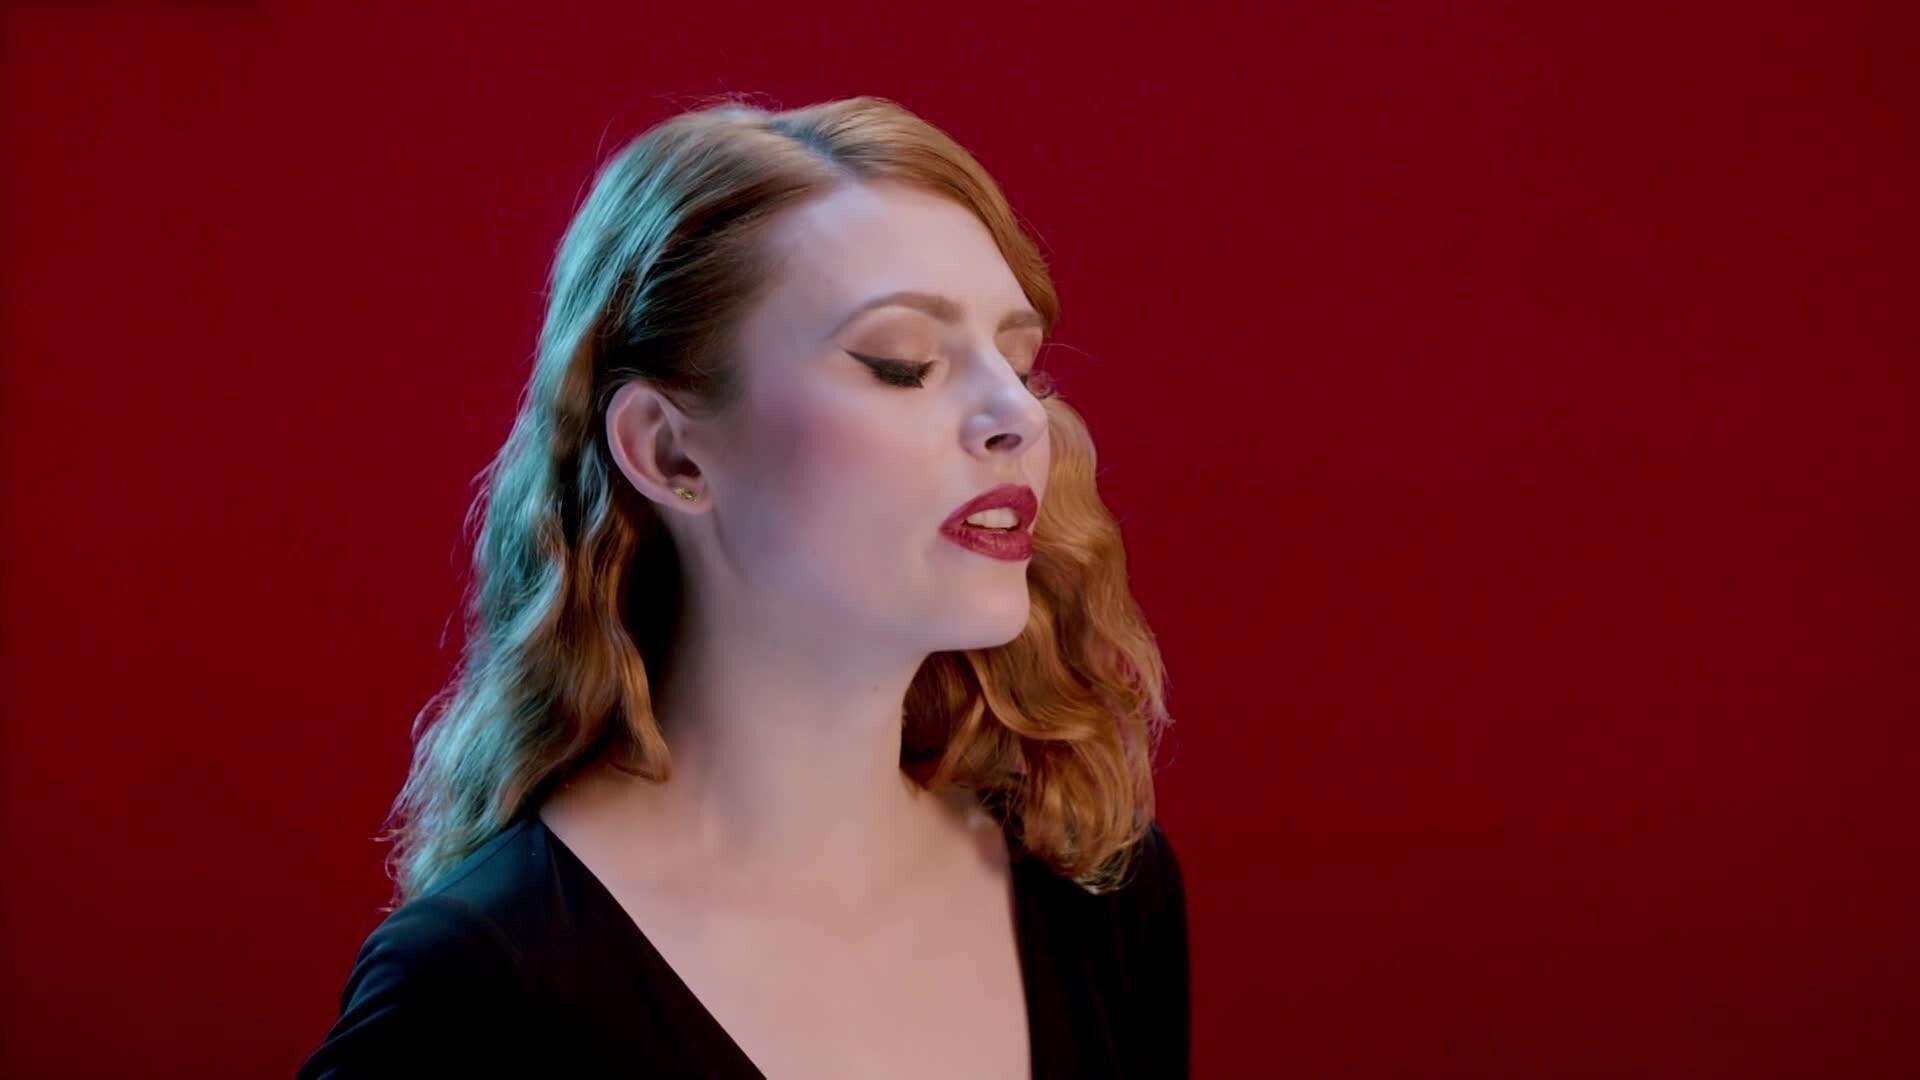 """Album Best of We Love Disney - extrait """"Un jour mon prince viendra"""" - Elodie Frégée"""